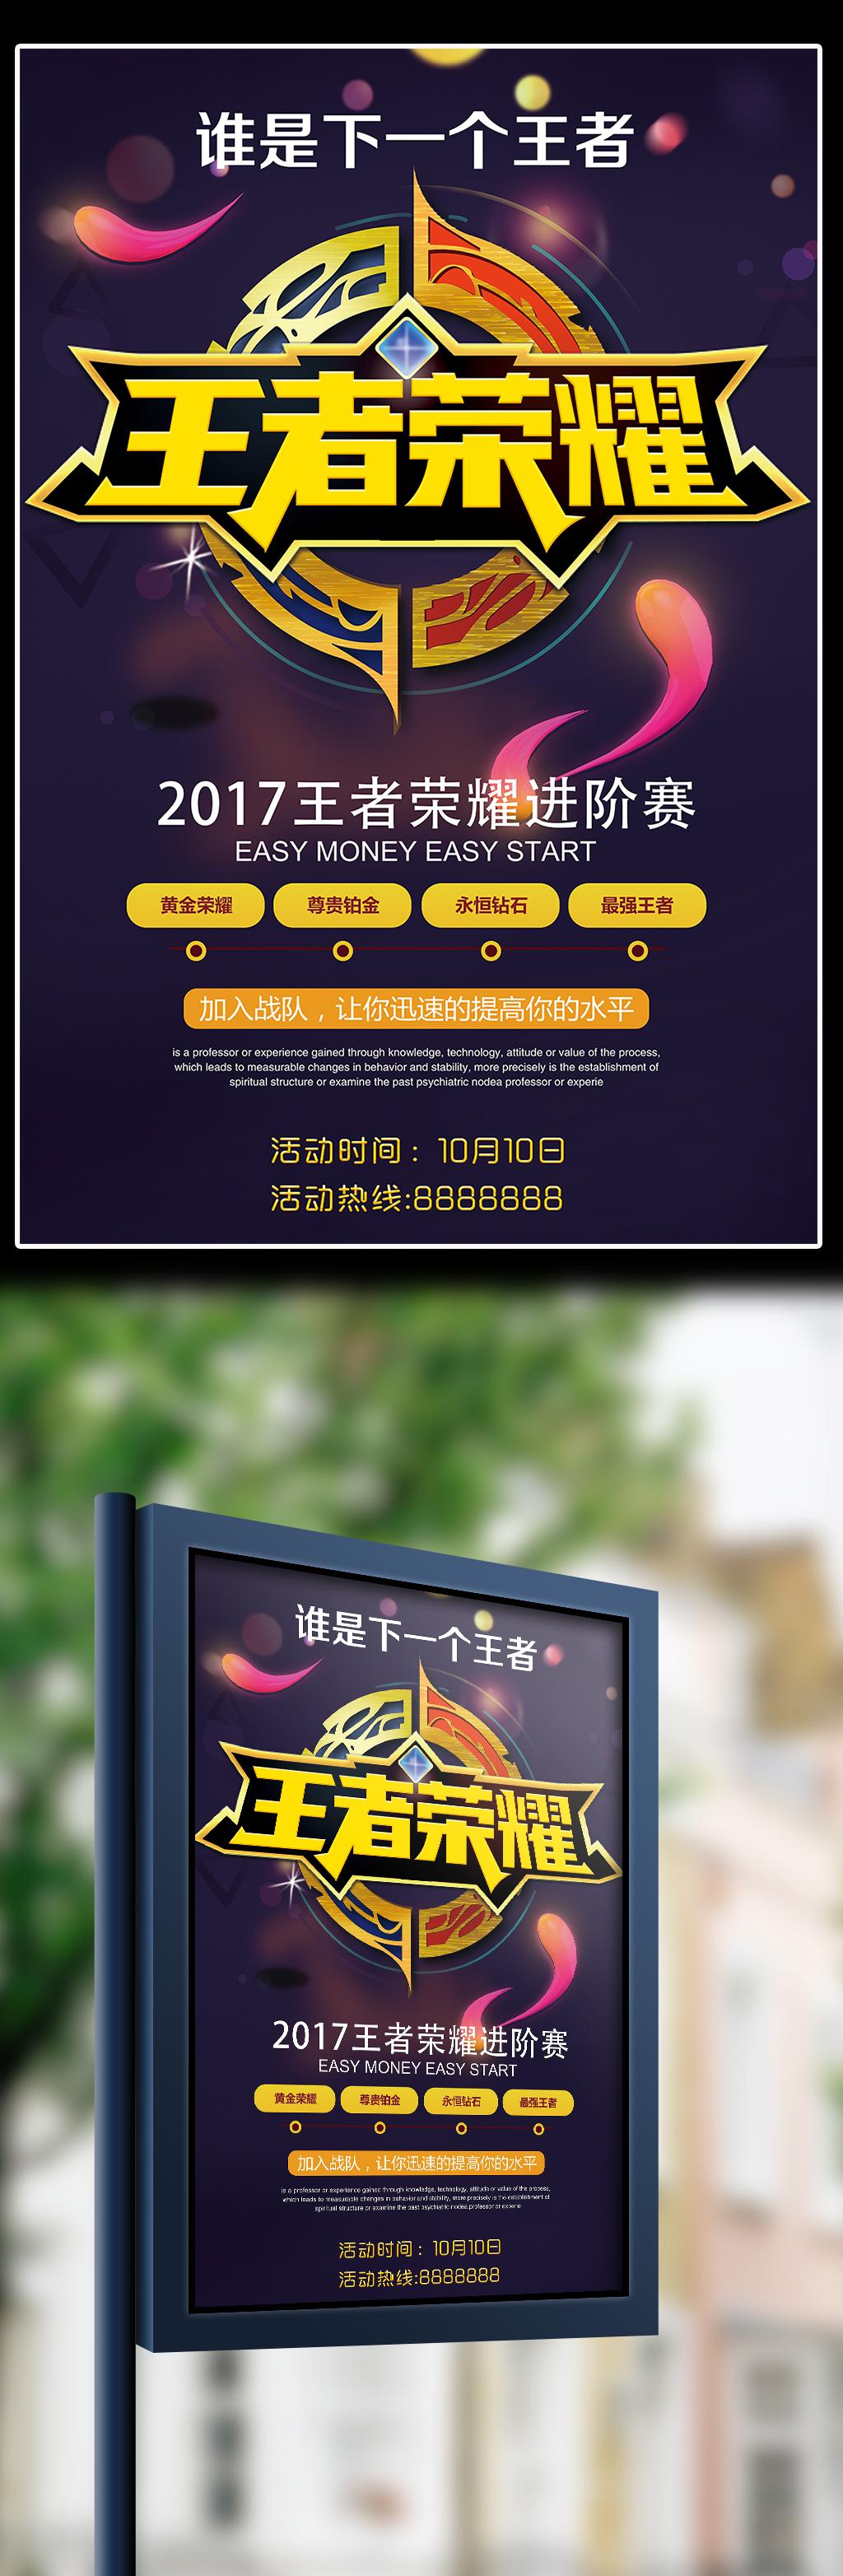 王者荣耀年度电竞宣传海报